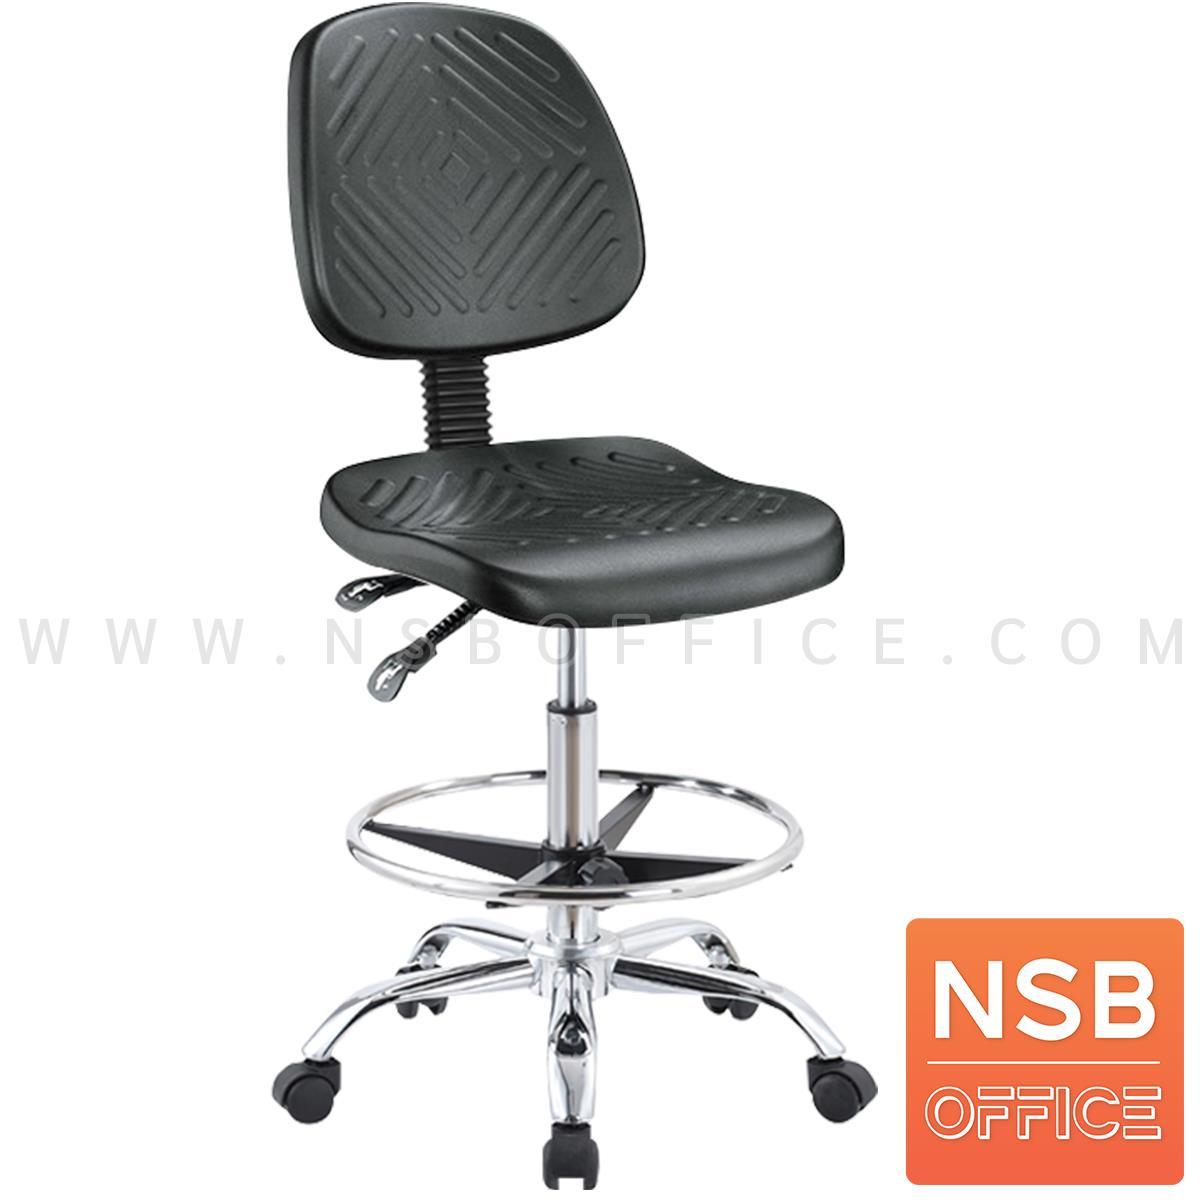 B02A088:เก้าอี้บาร์สูง PU มีพักเท้า สำหรับห้องแล๊บ รุ่น Beckett (เบ็คเค็ทท์) ลูกล้อป้องกันไฟฟ้าสถิตย์ ขาชุบโครเมี่ยม